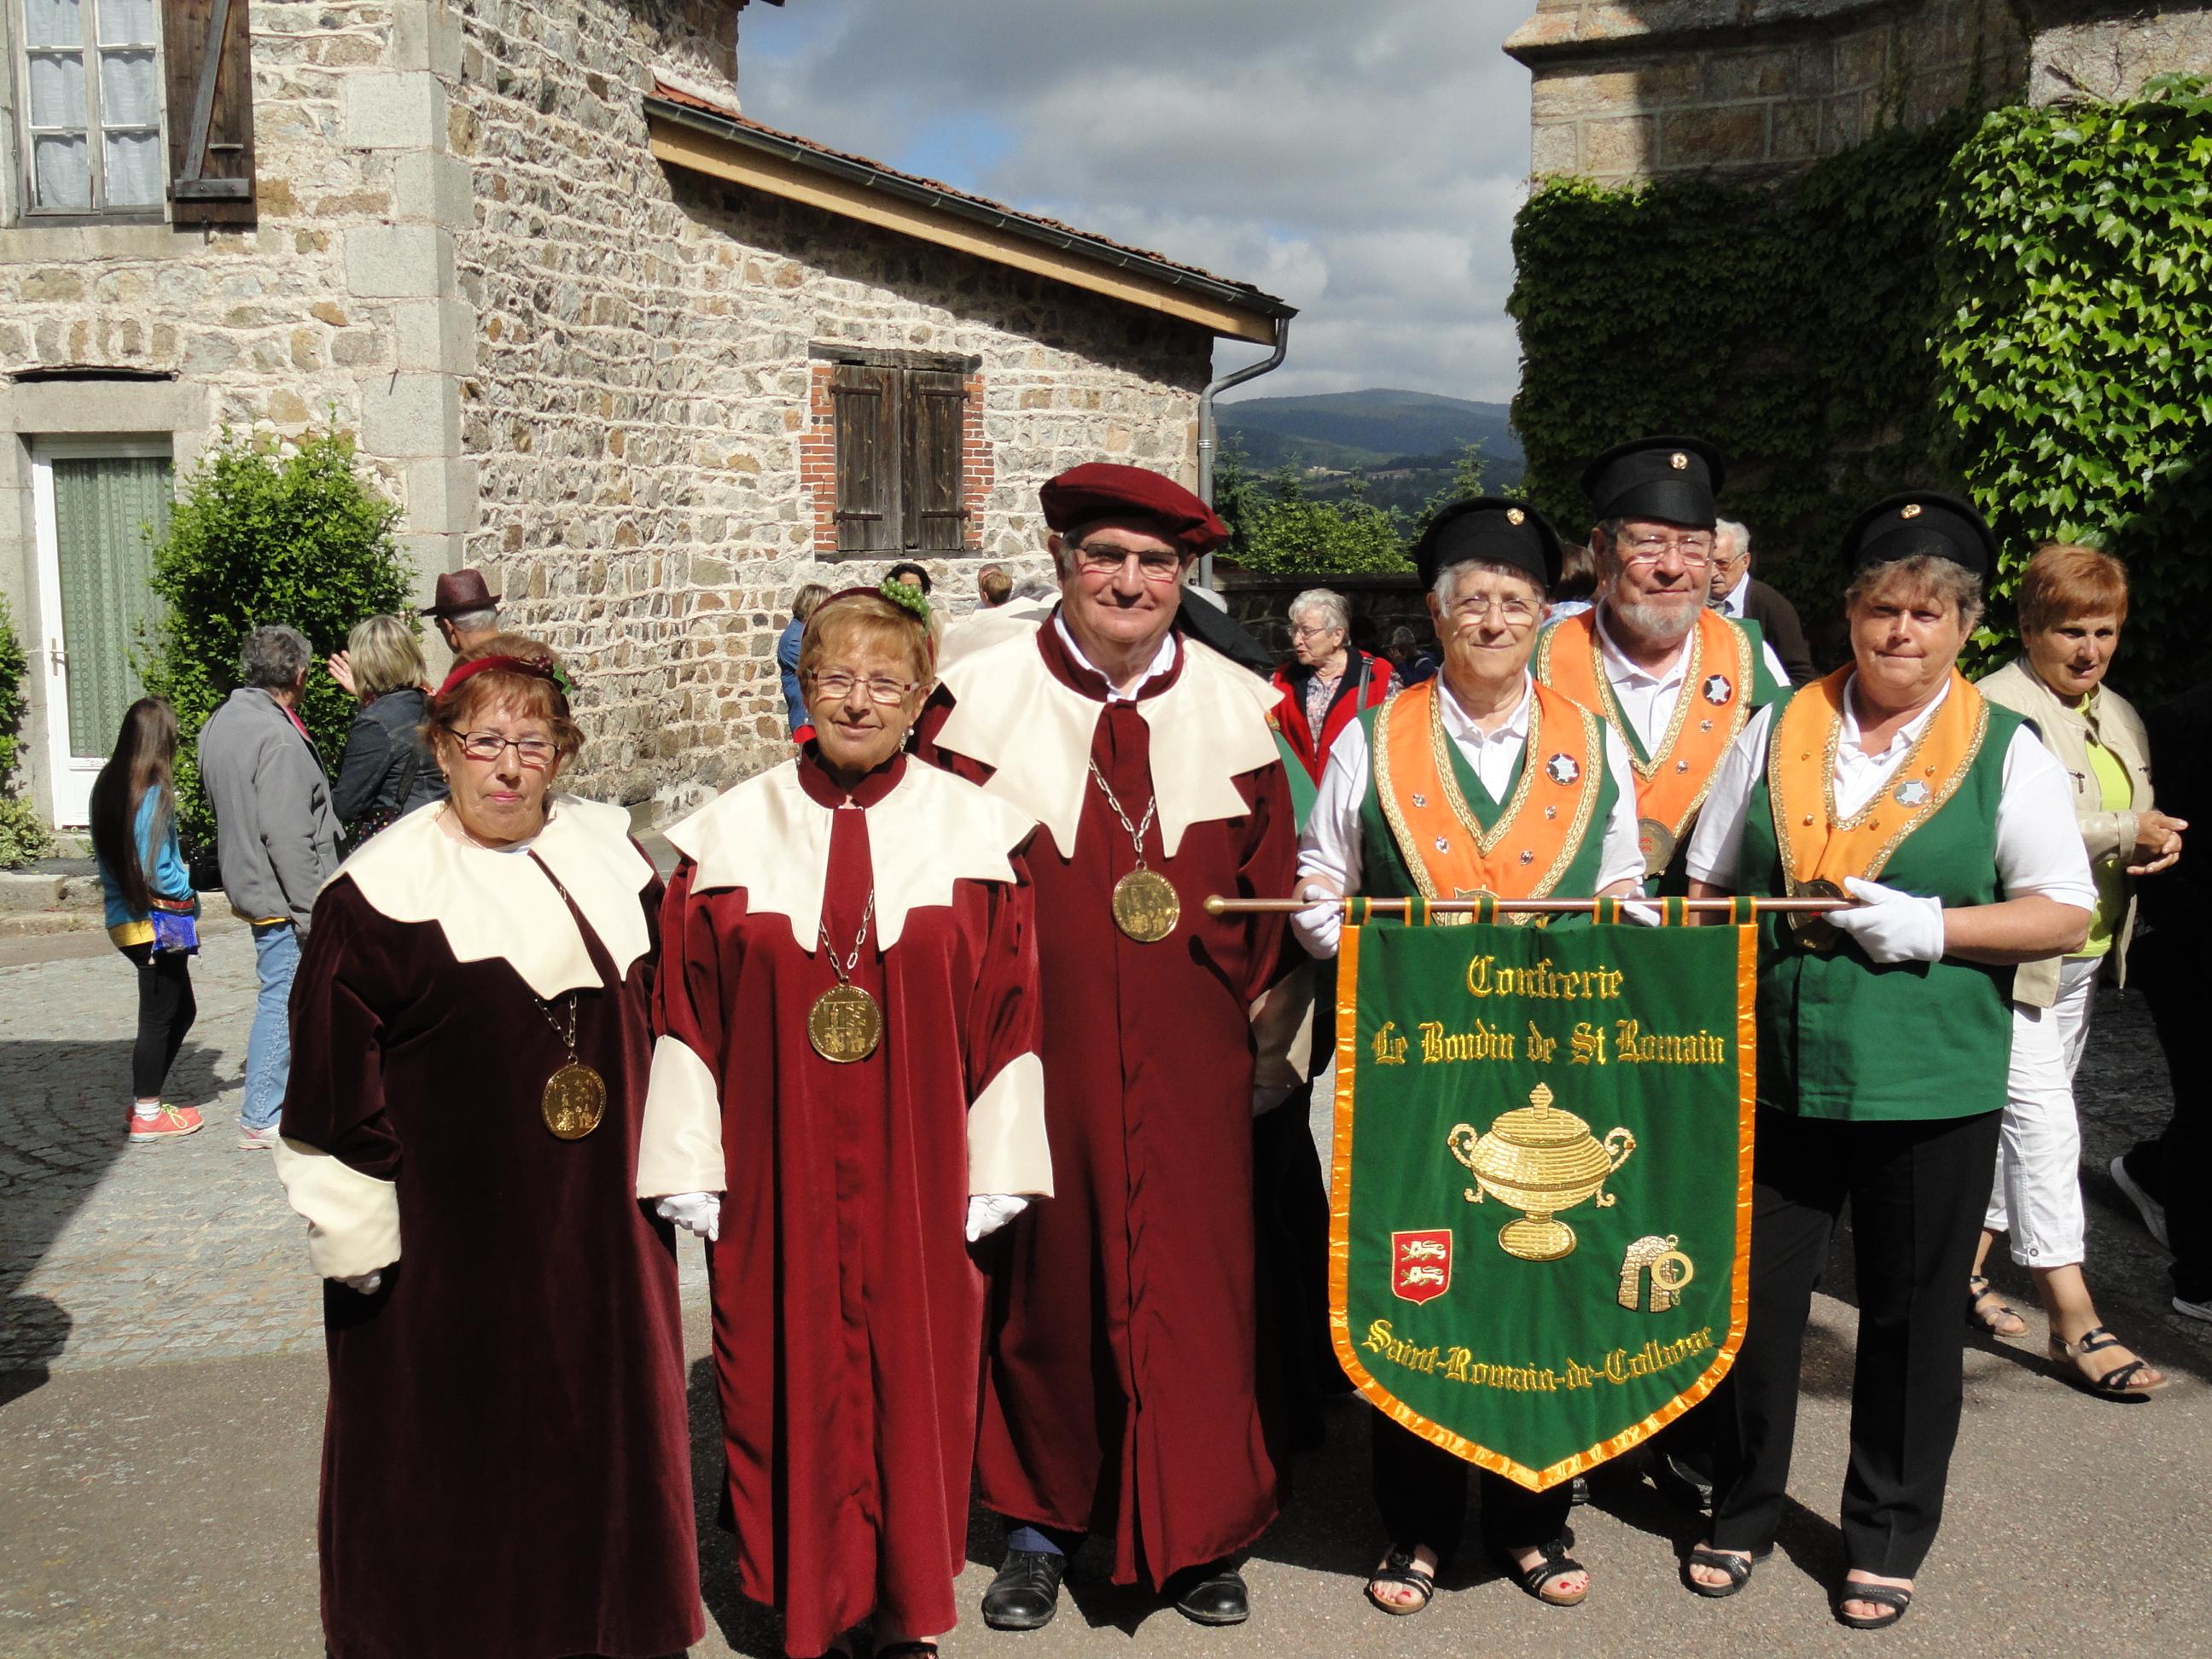 2 et 3 Juillet 2016 - Saint-Romain de France